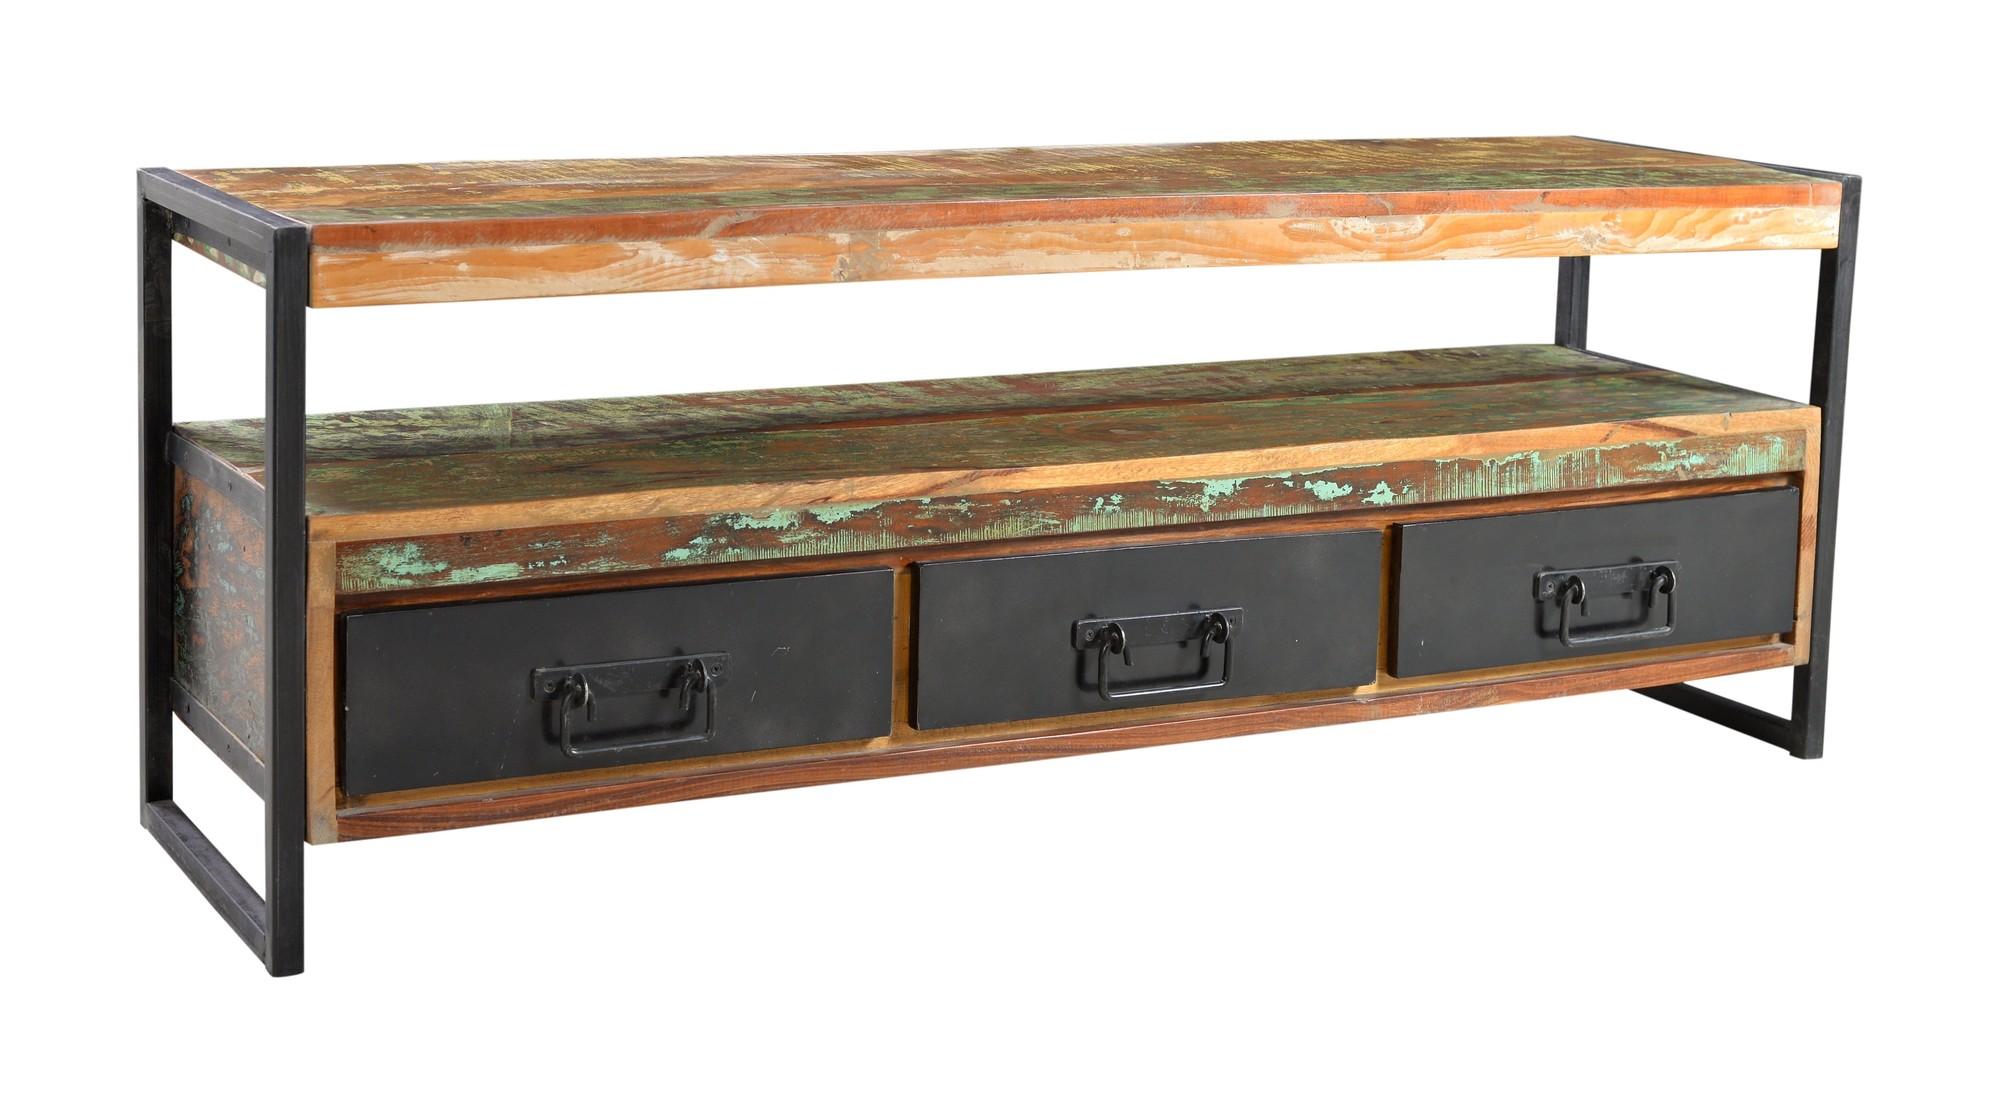 Verrijdbare Tv Kast : Tv meubel vintage vergelijken kopen tot korting